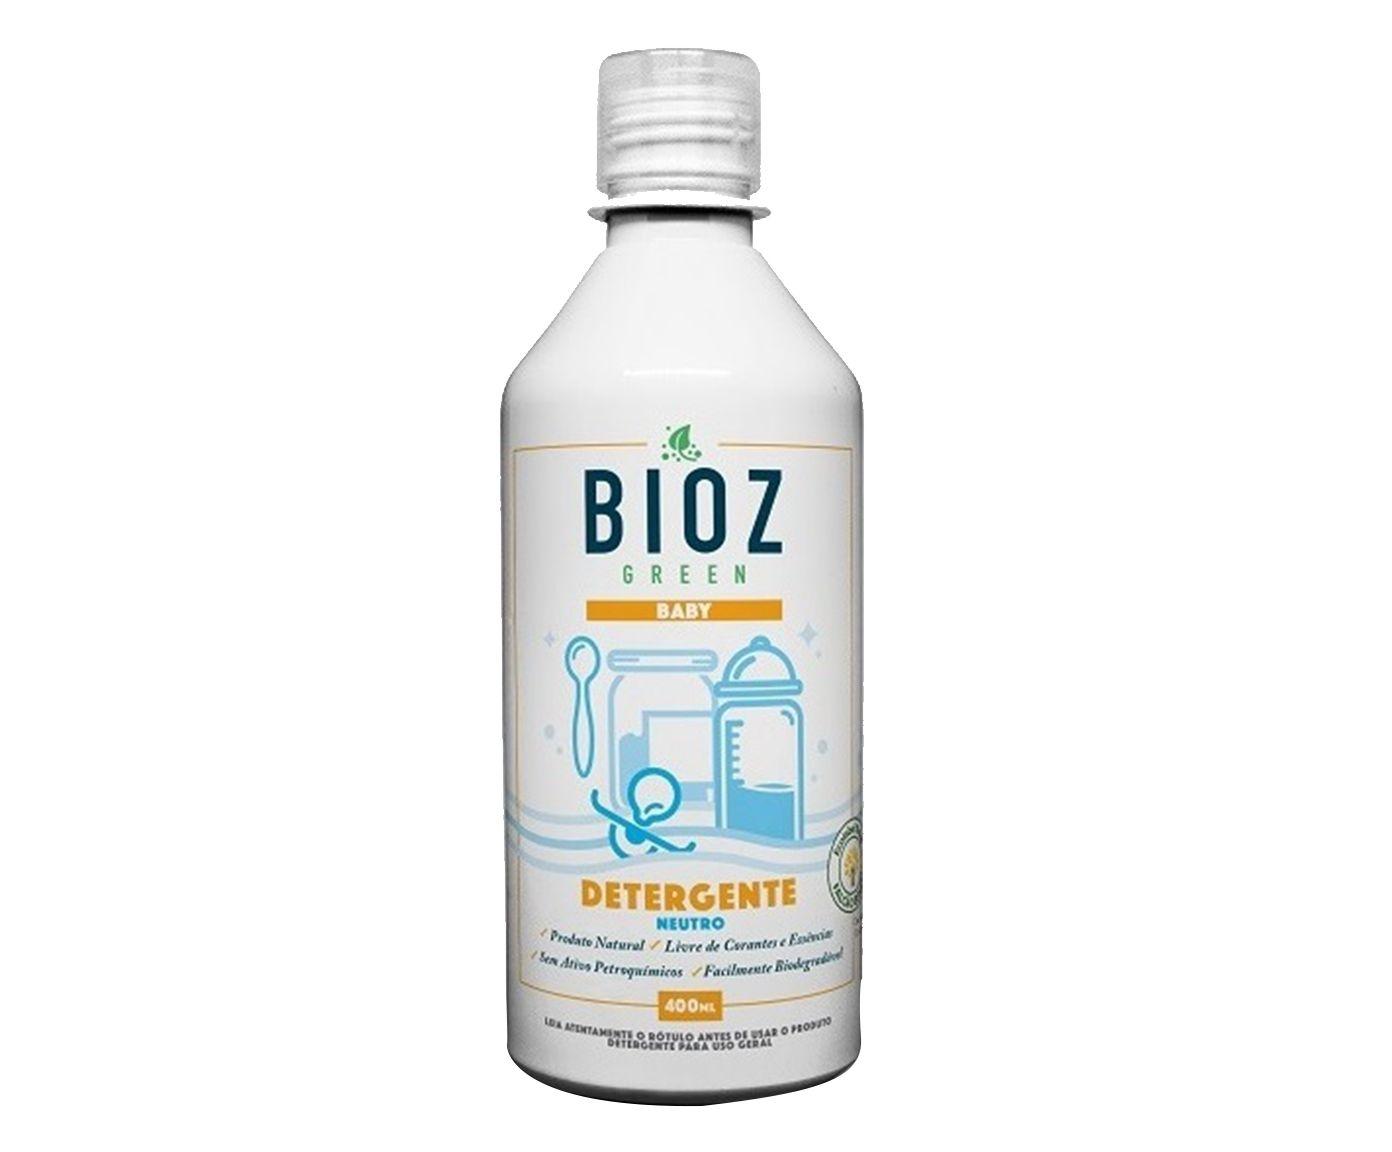 Detergente Neutro Baby Bioz - 400ml   Westwing.com.br